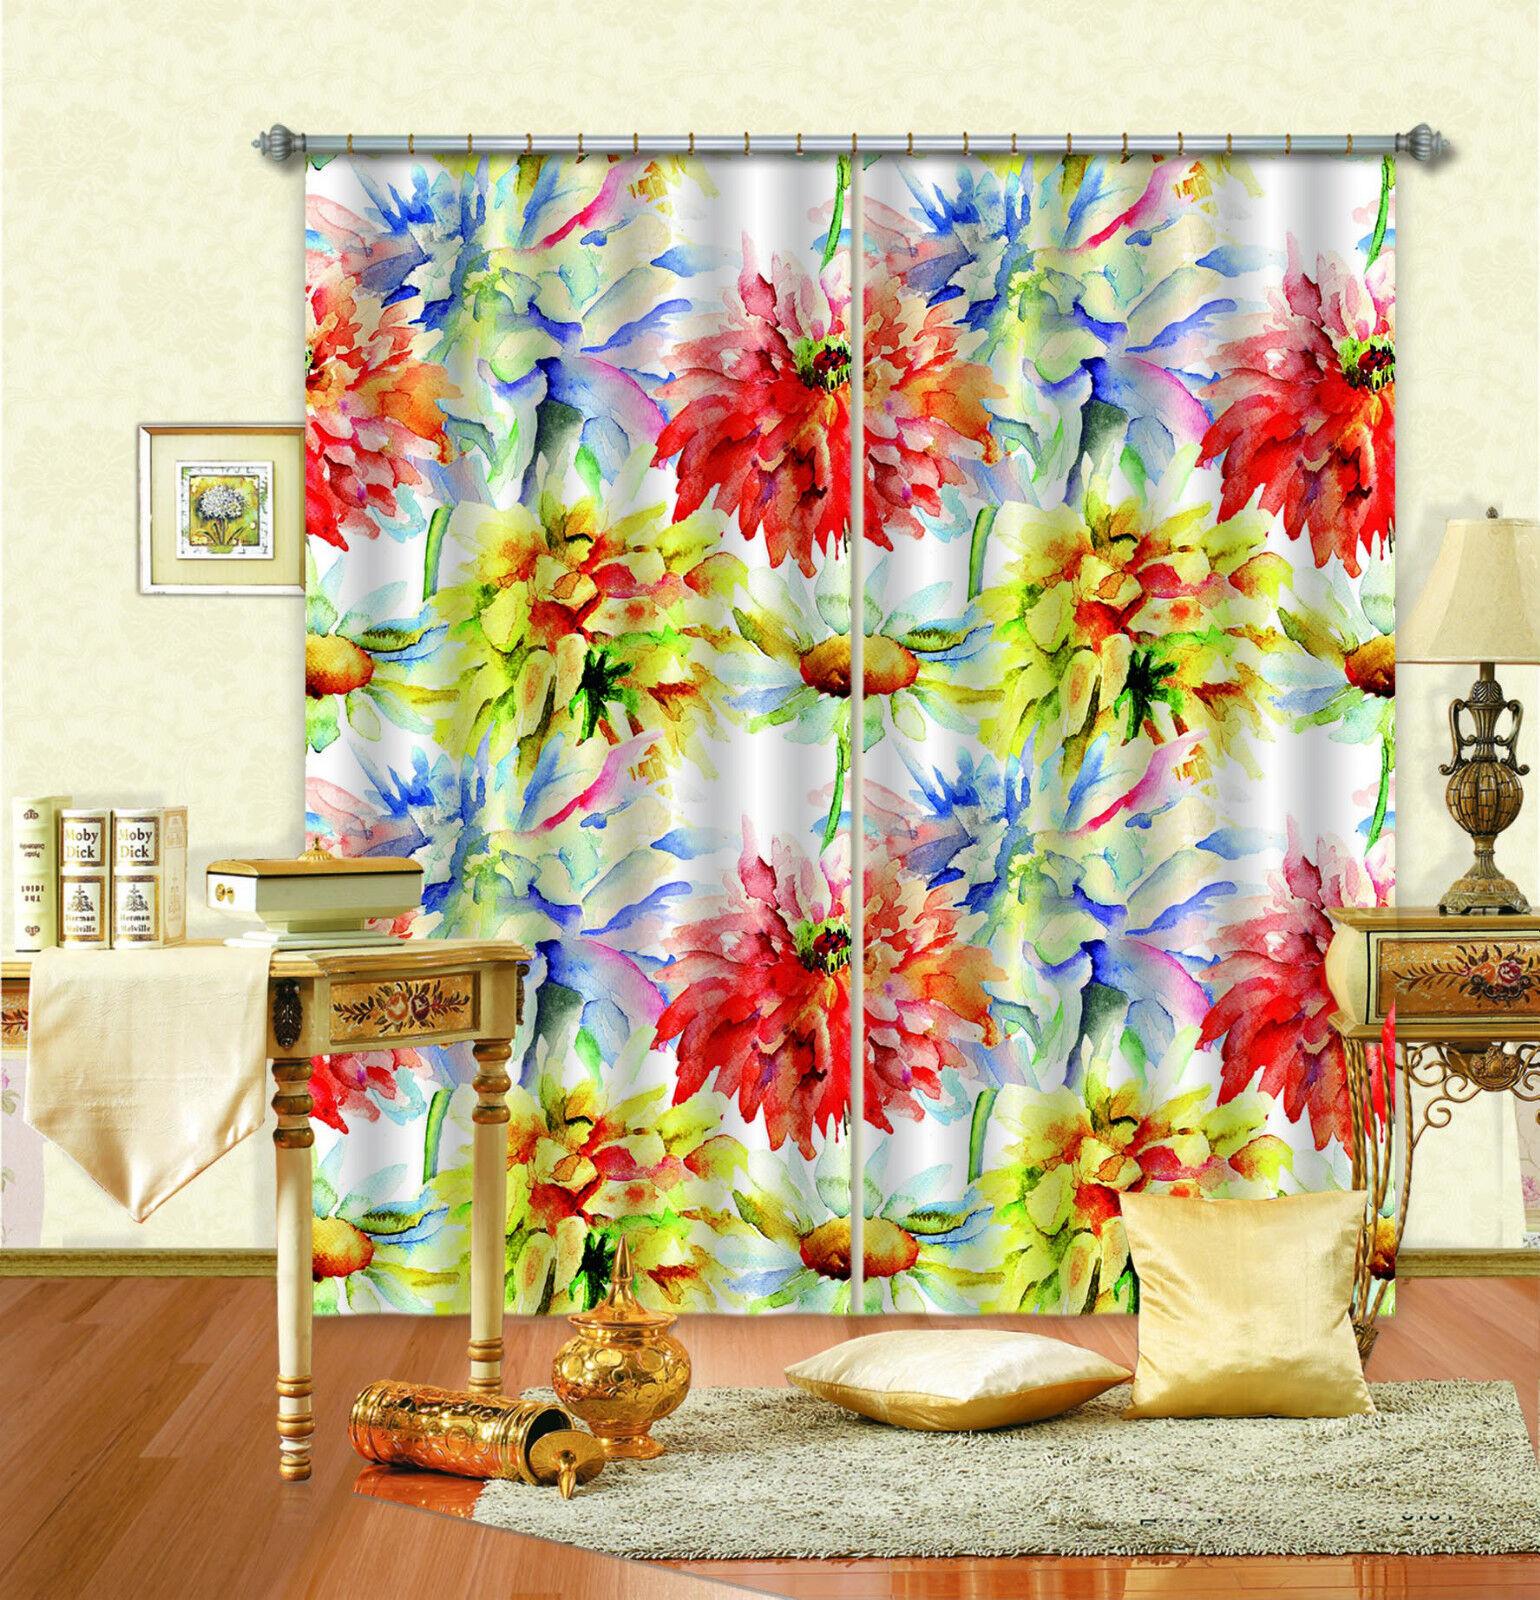 3d azulme pintura 47 bloqueo foto cortina cortina de impresión sustancia cortinas de ventana